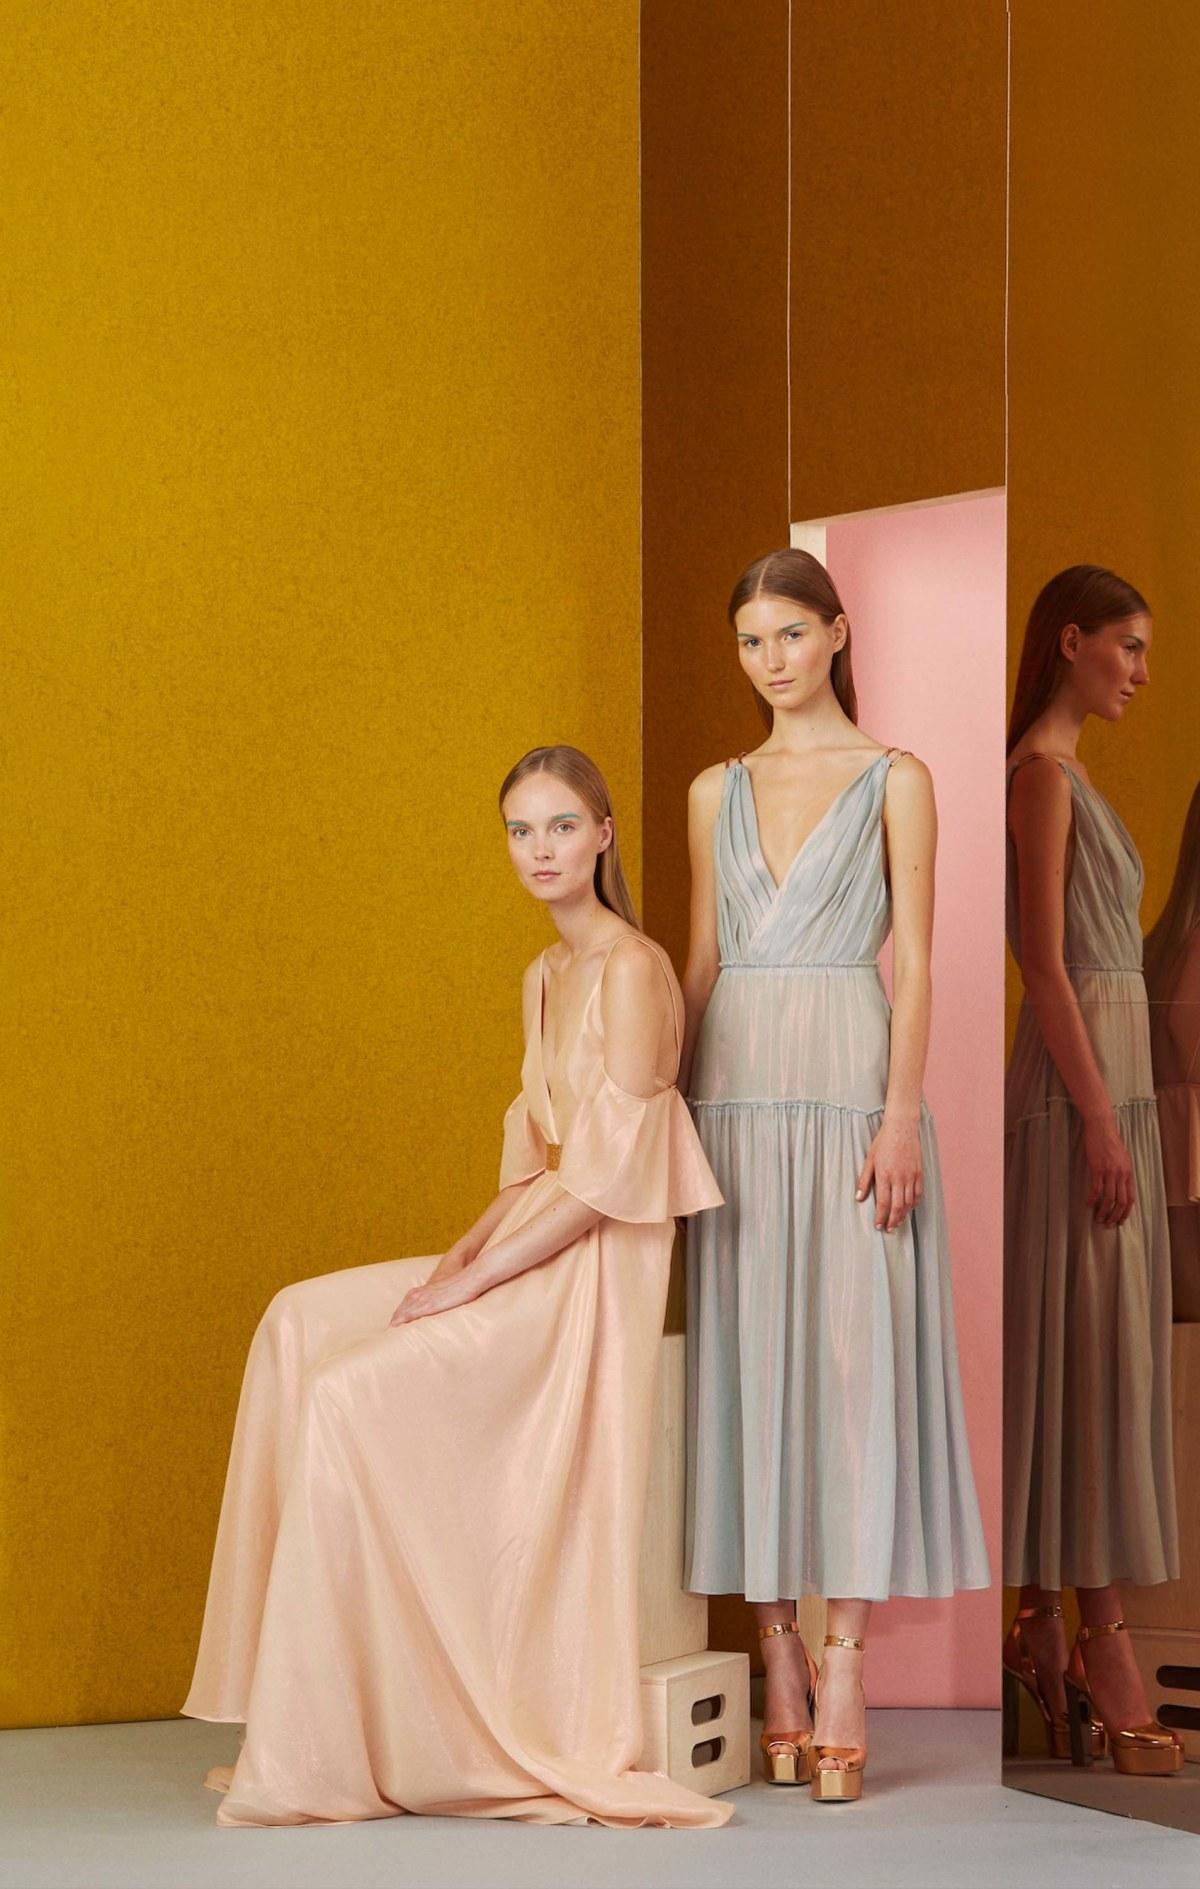 Lela-Rose-Resort-2017-fashion-show-the-impression-005